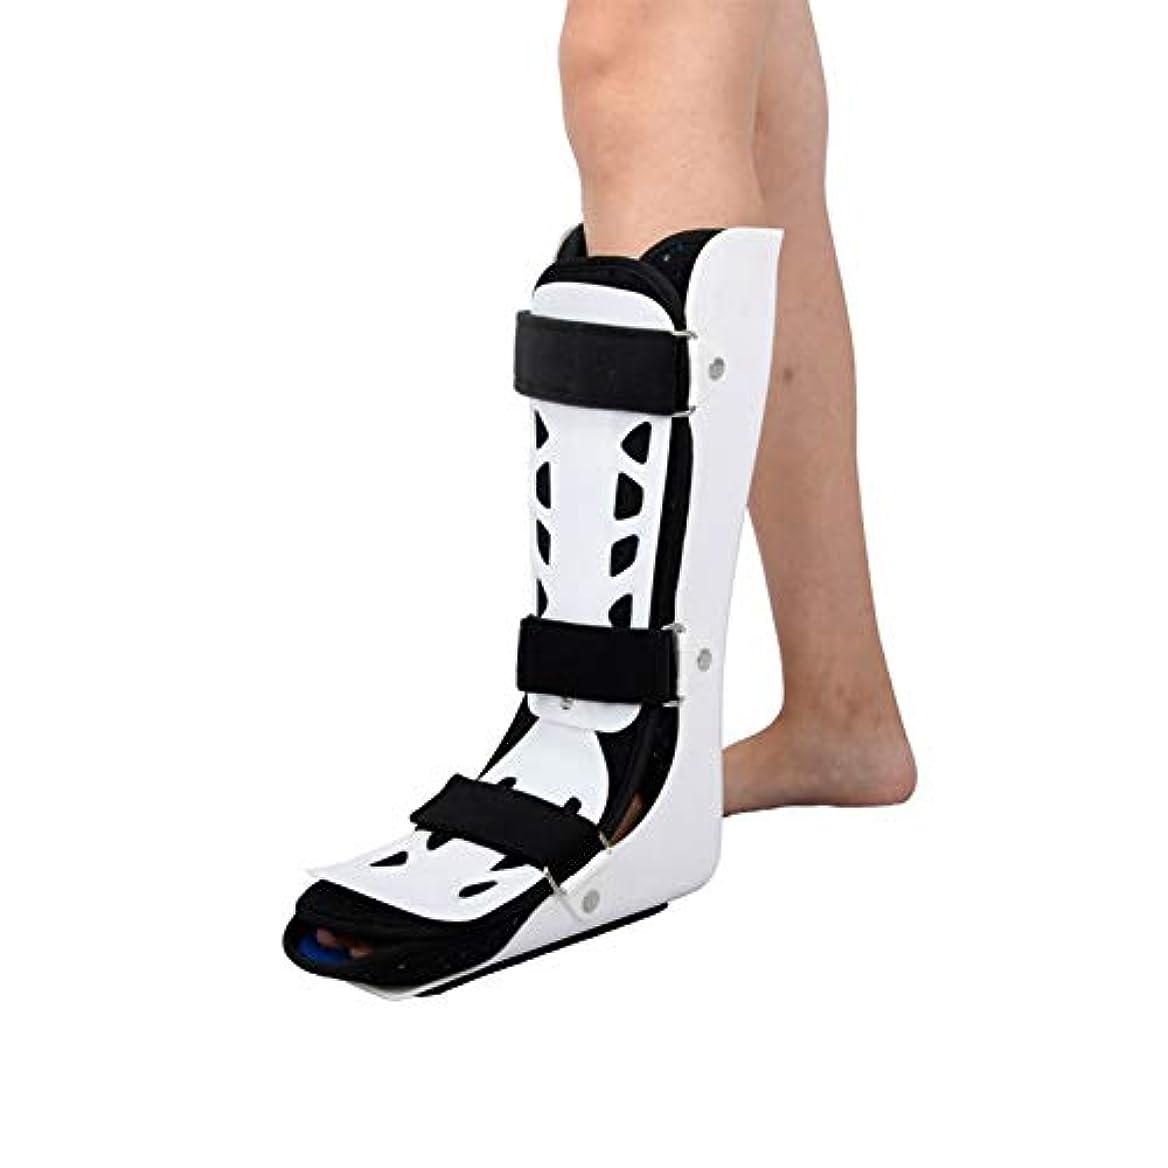 流体風始まり足首サポート アキレス、大人の足首とアキレス腱を骨折し、歩行時の通気性を訓練します。足首を固定します。 (Color : 左, Size : L)